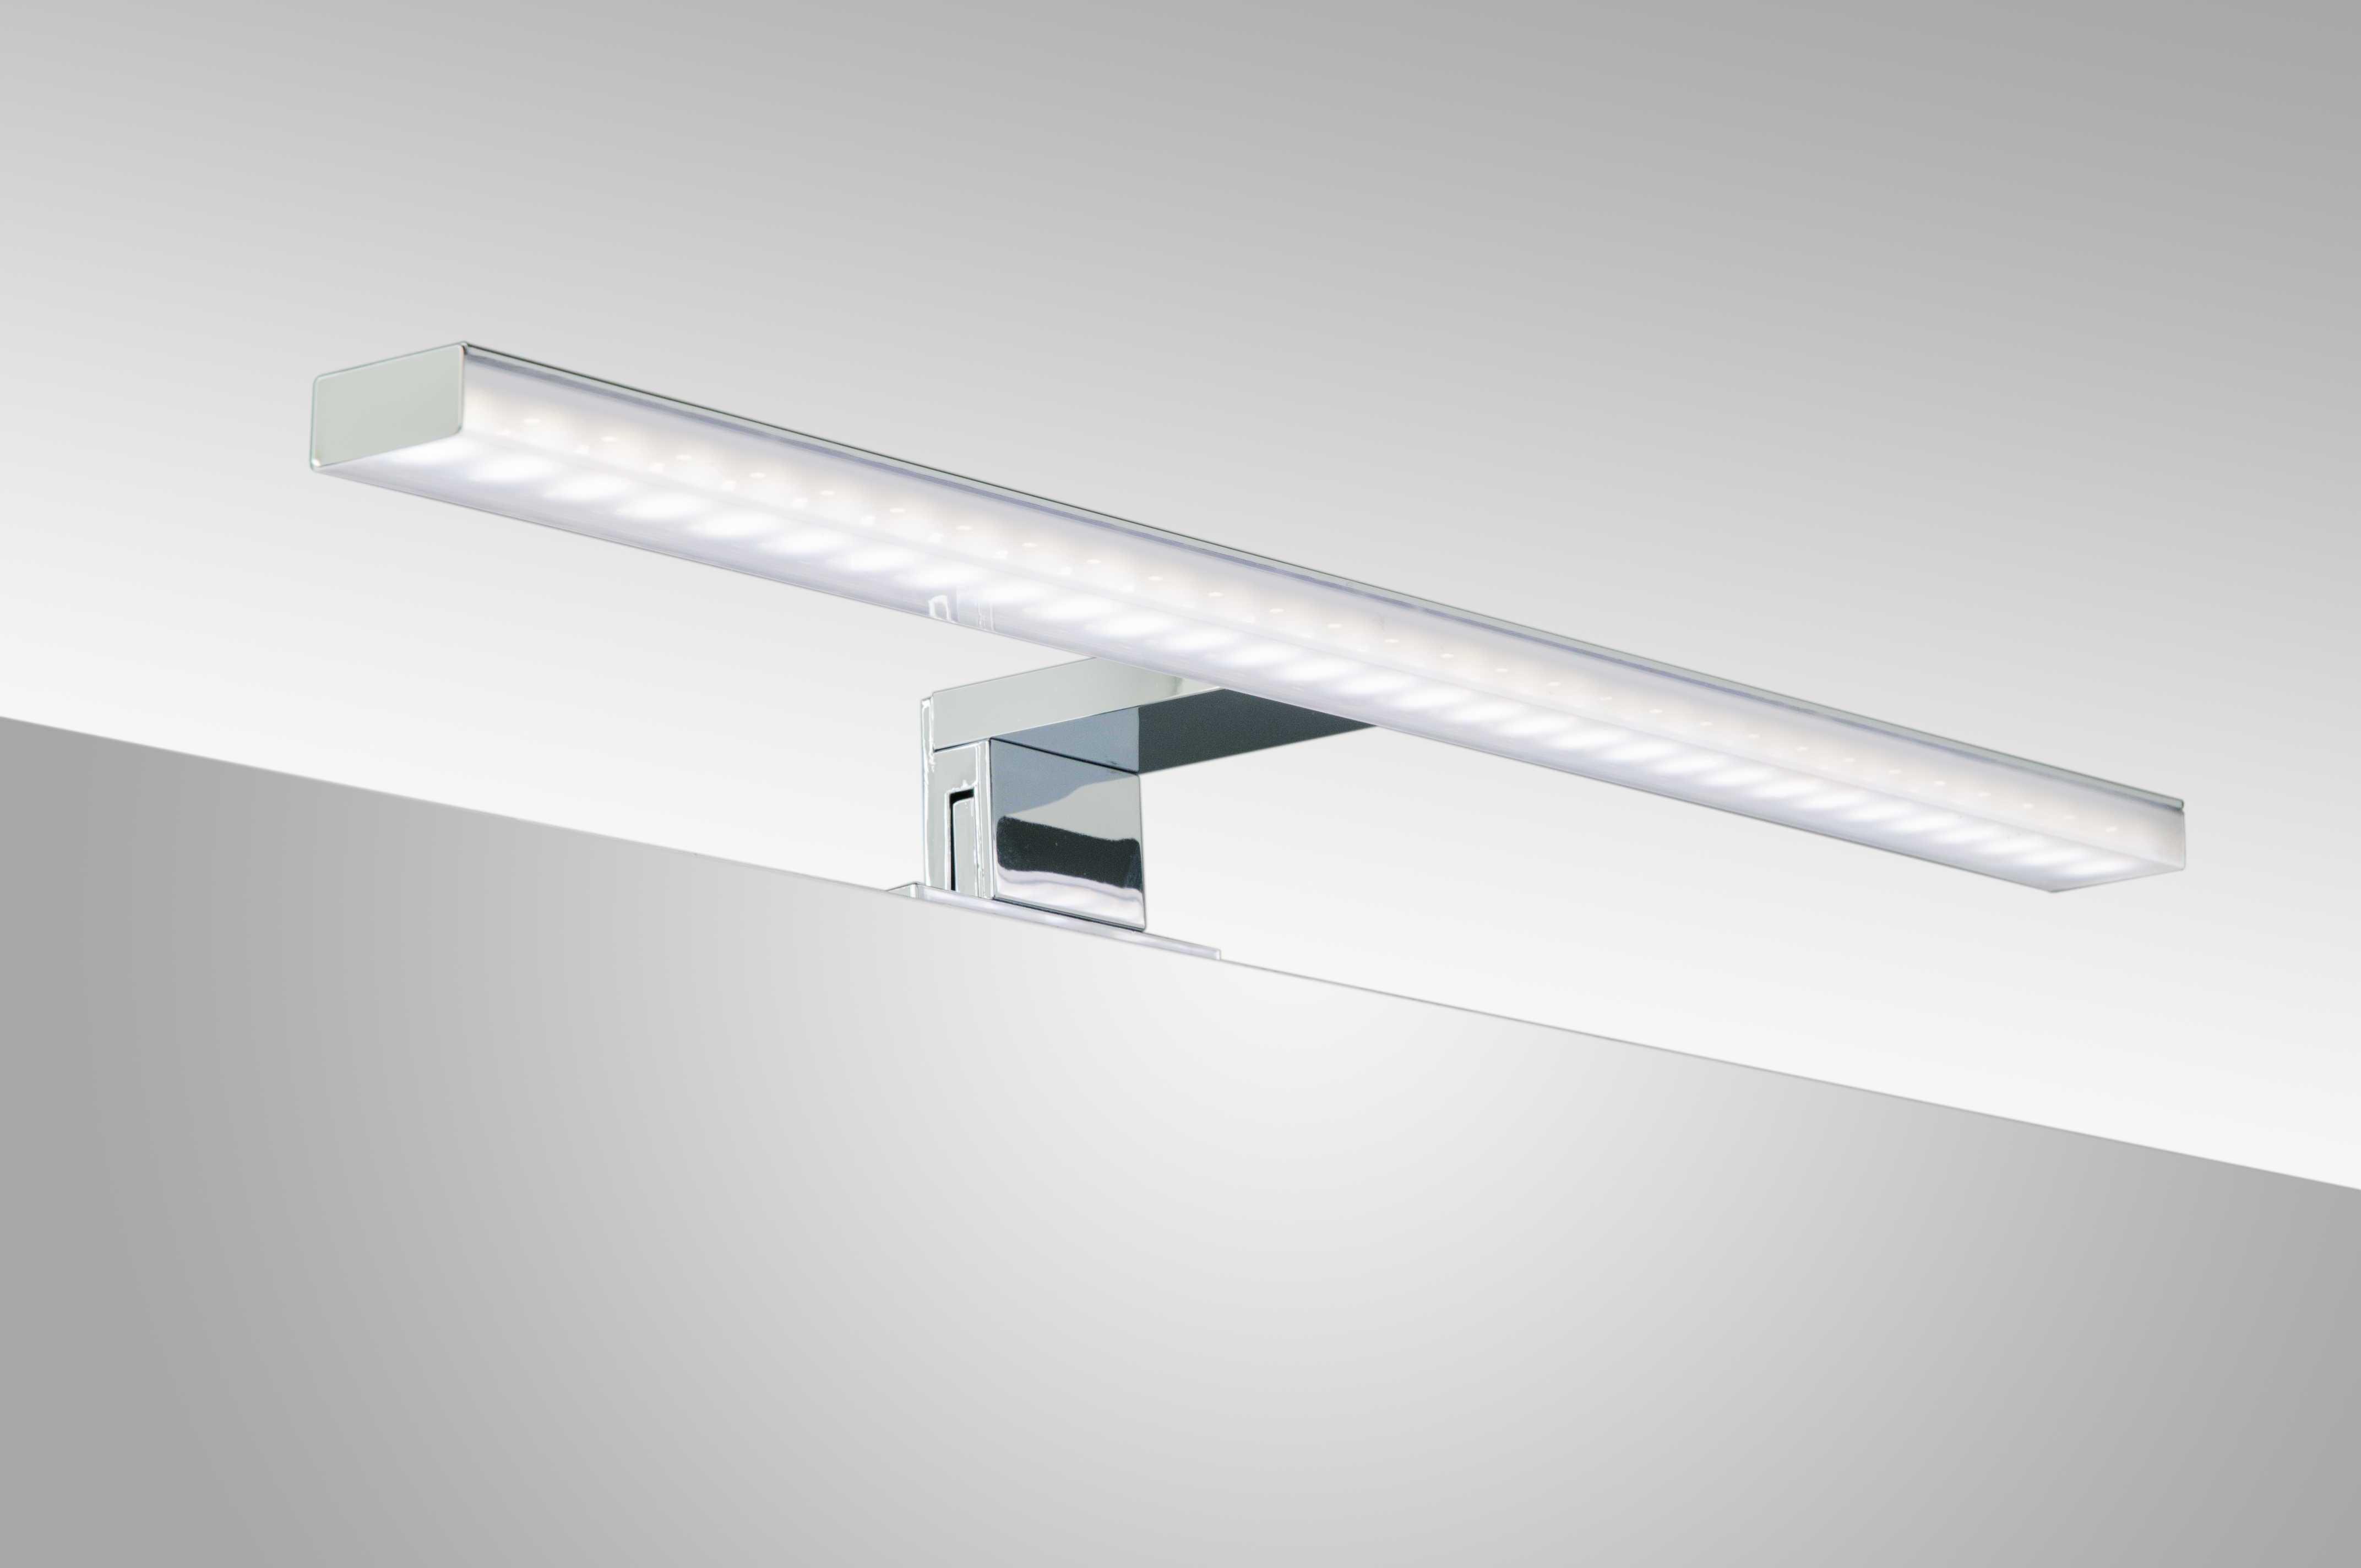 Specchio bagno 120x70 cm specchiera bagno lampada led - Ikea illuminazione bagno ...